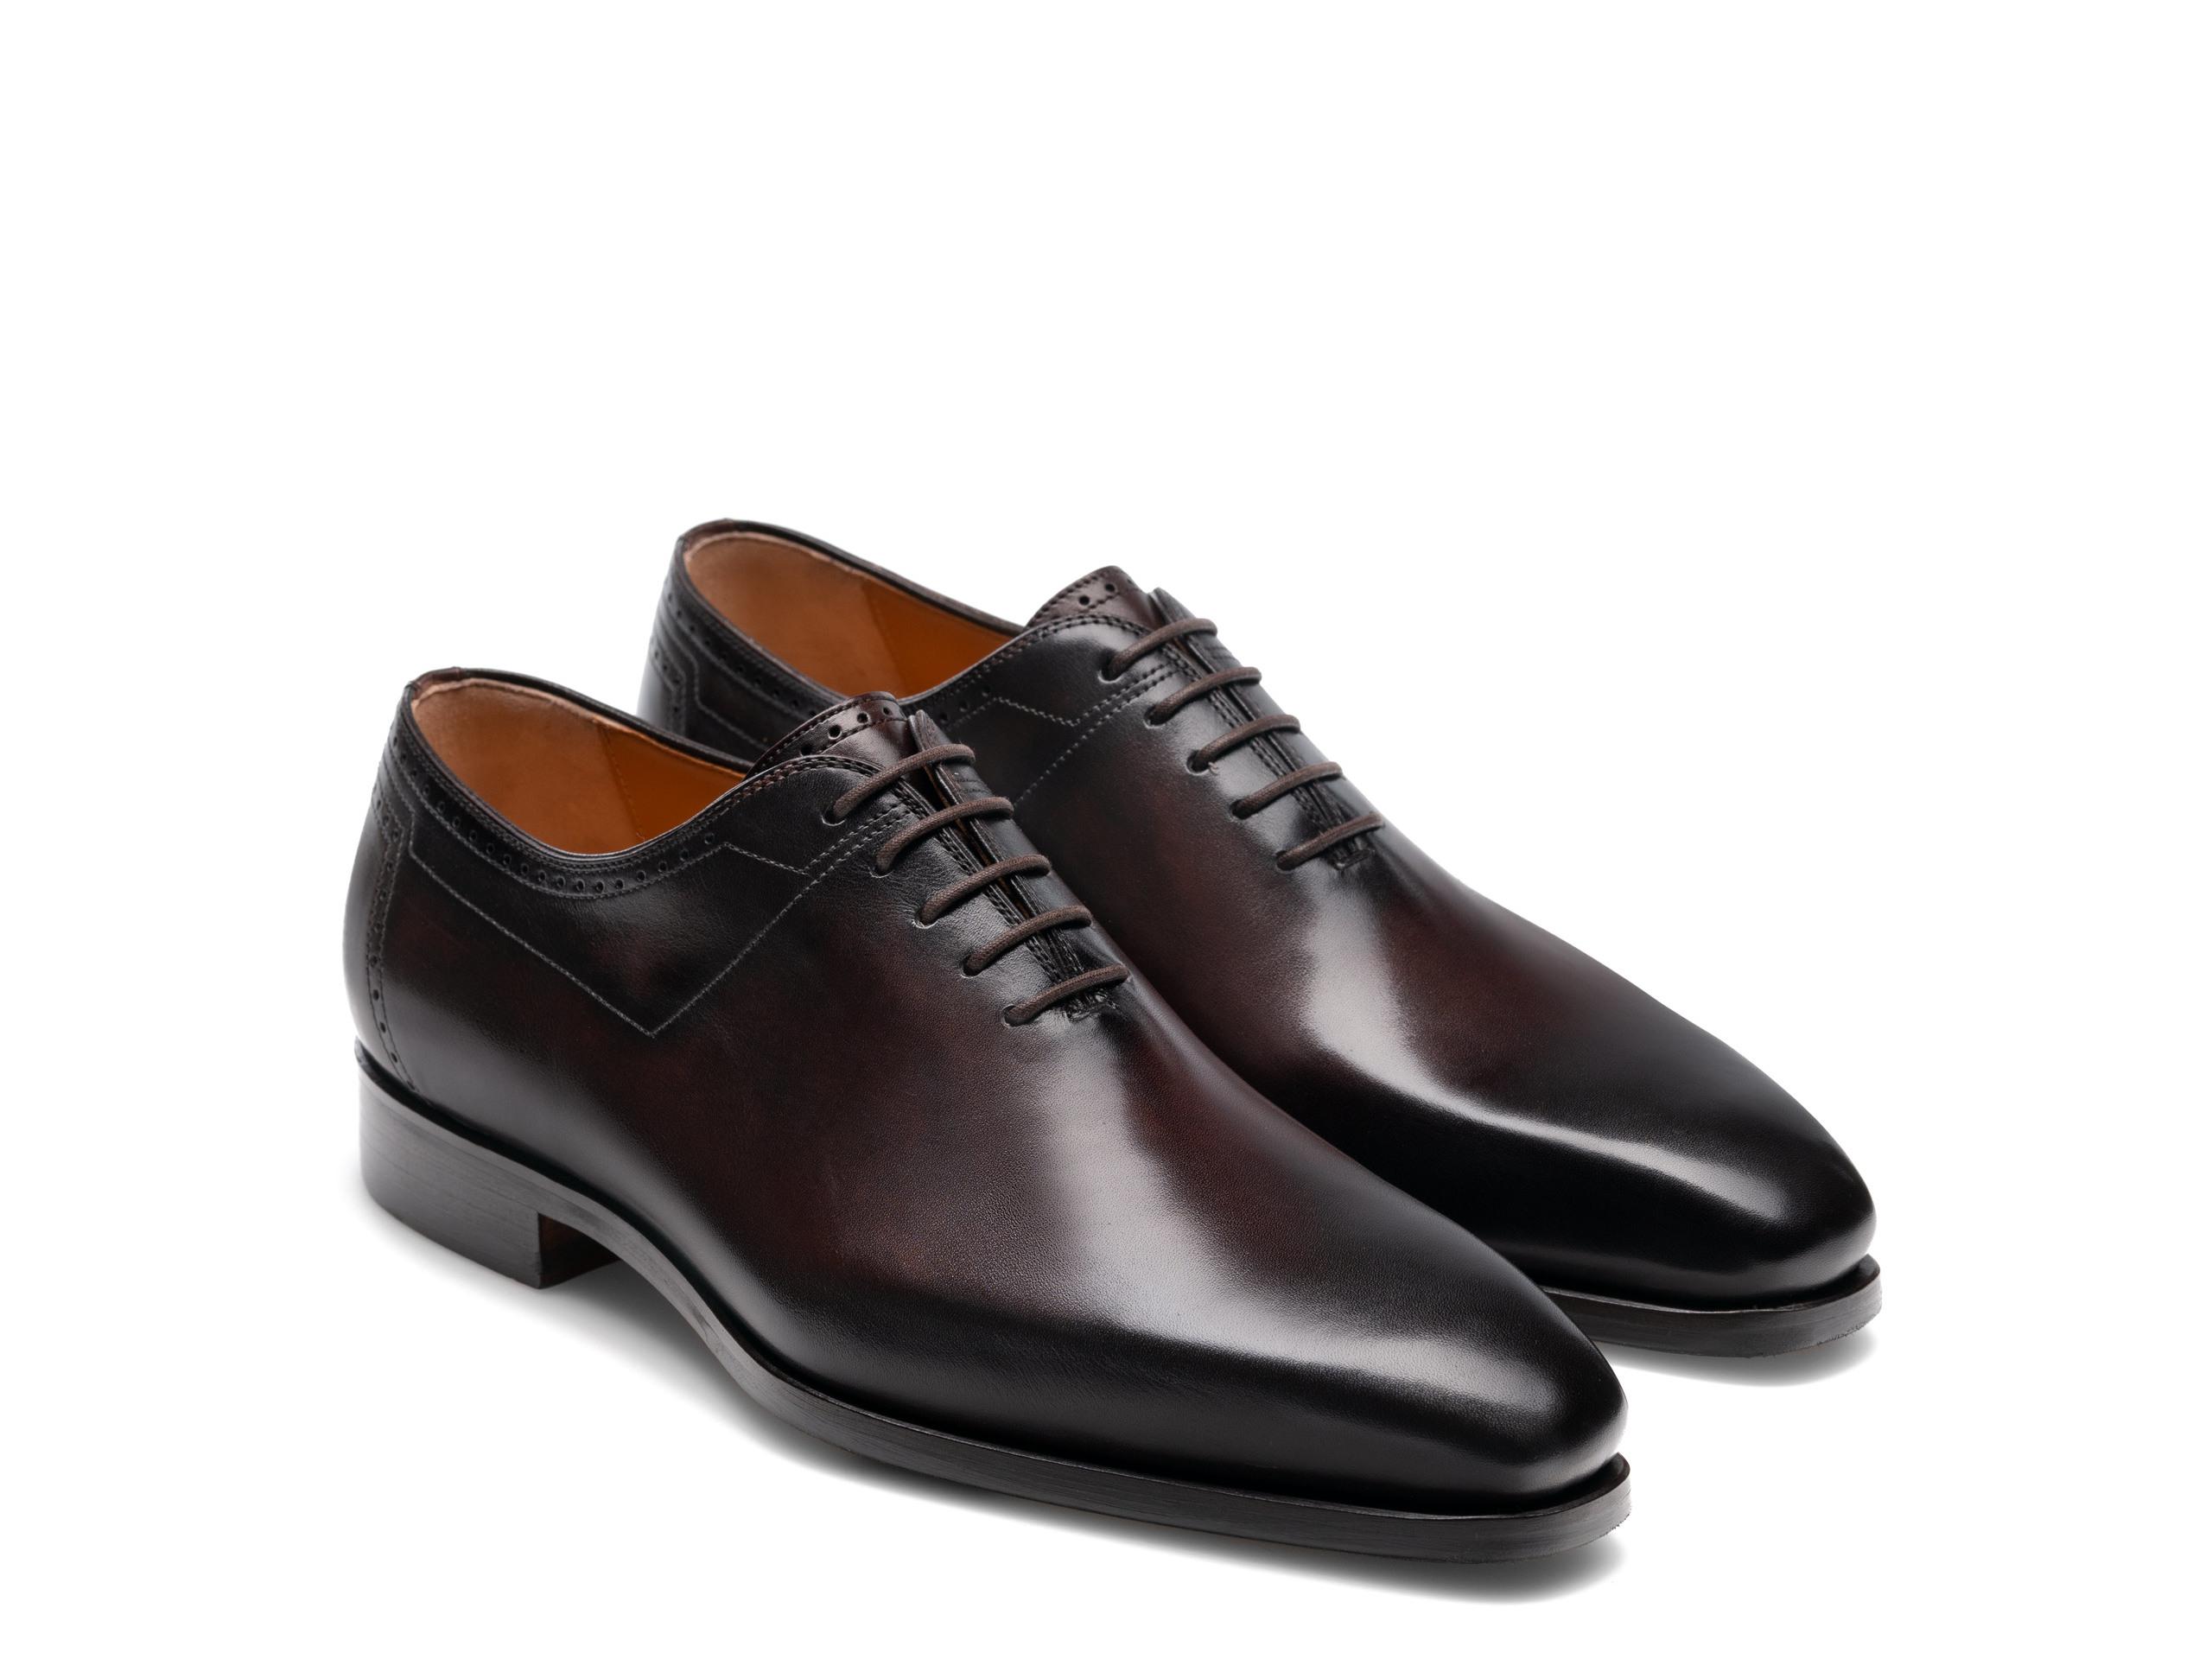 Magnanni Maximino Brown Shoes